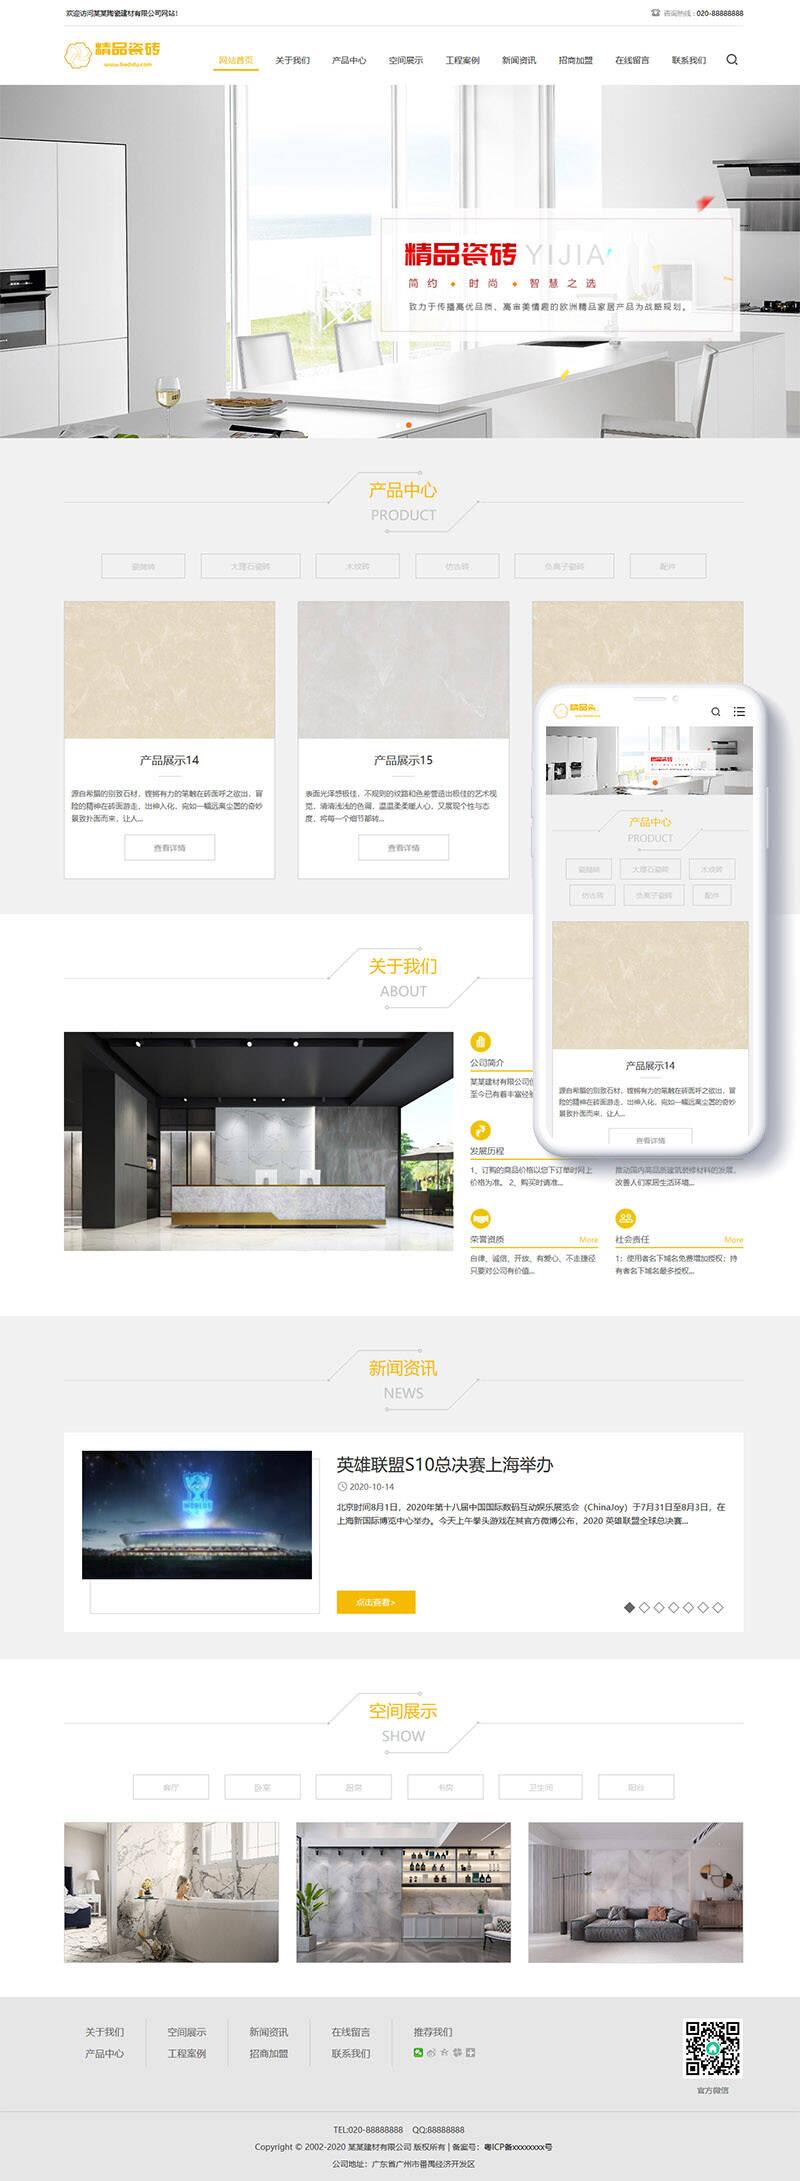 织梦响应式瓷砖大理石建材类网站织梦模板(自适应手机端)插图